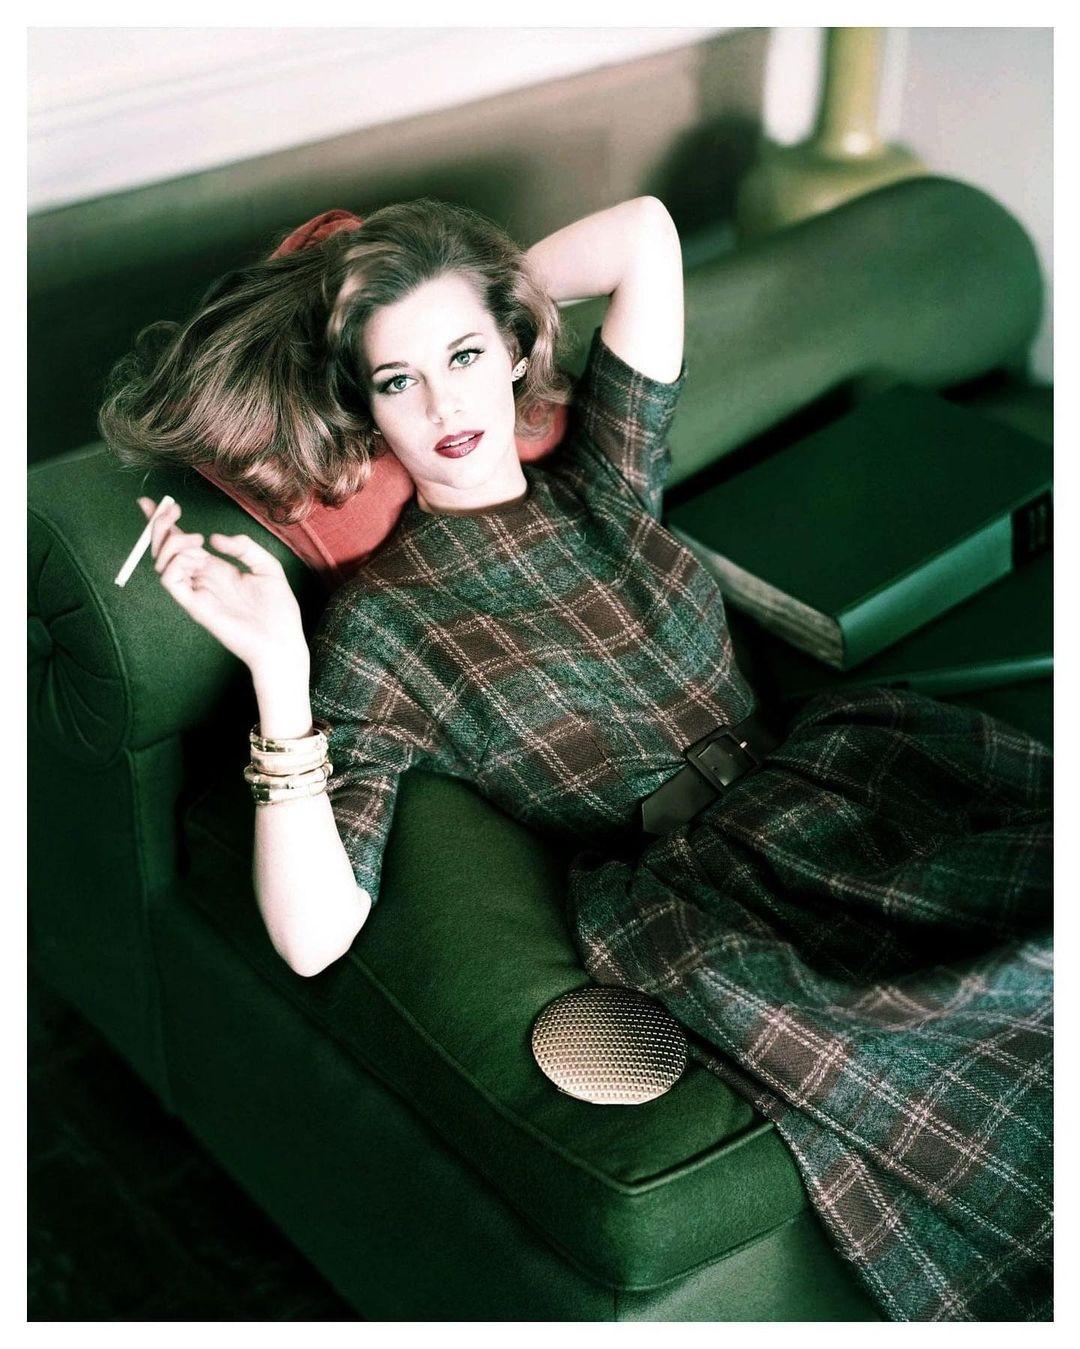 Джейн Фонда, 1959. Фотограф Хорст П. Хорст